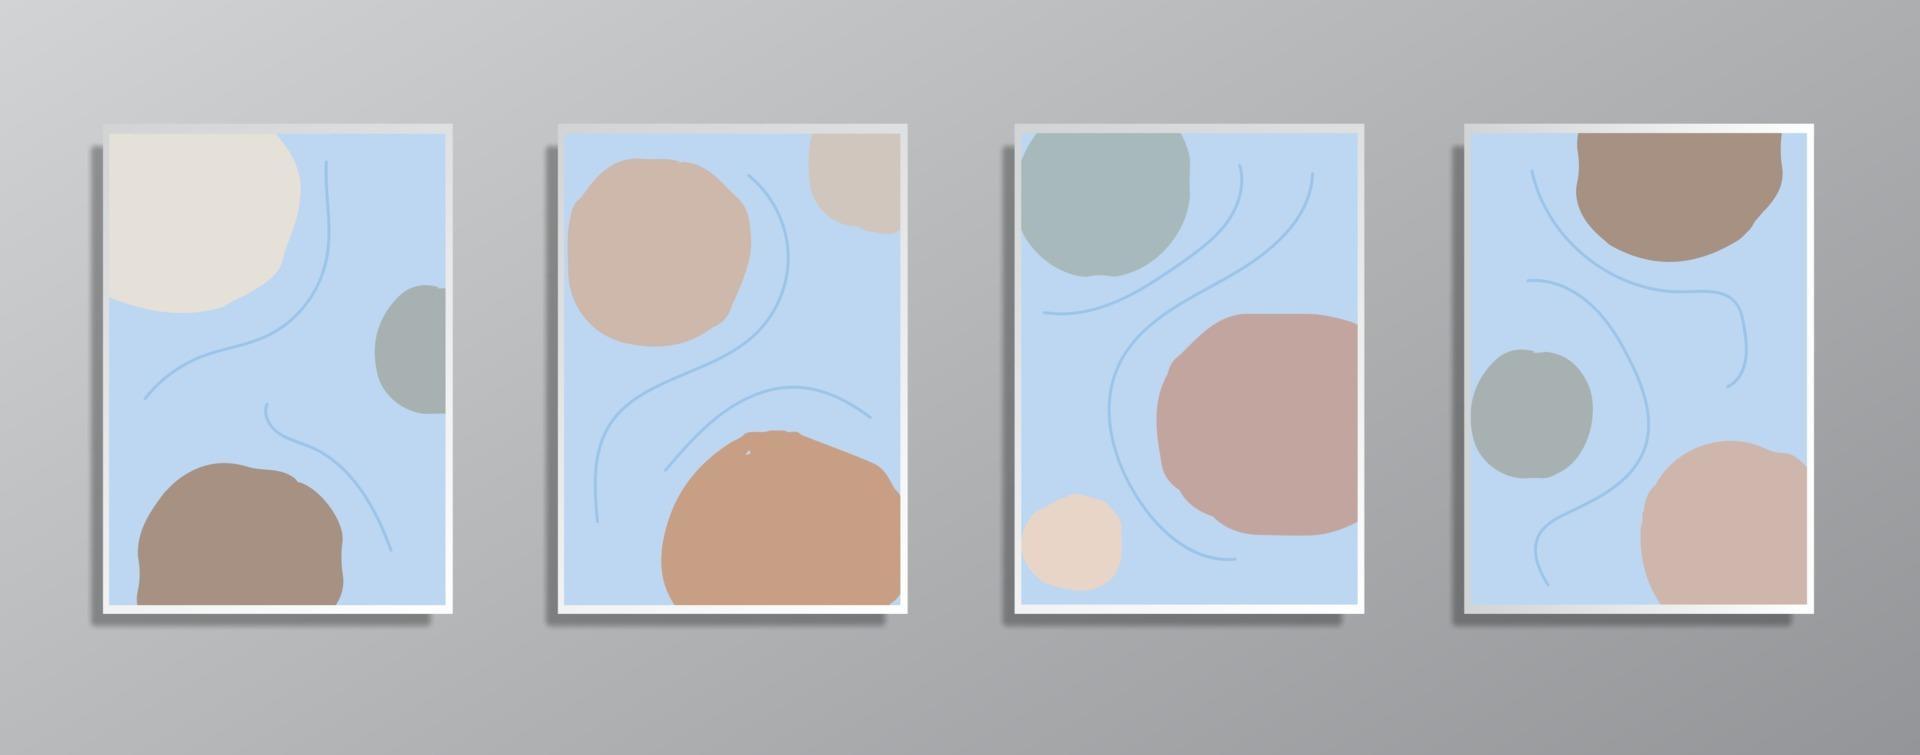 Satz kreative minimalistische handgezeichnete Vintage neutrale Farbillustrationen für Wand vektor